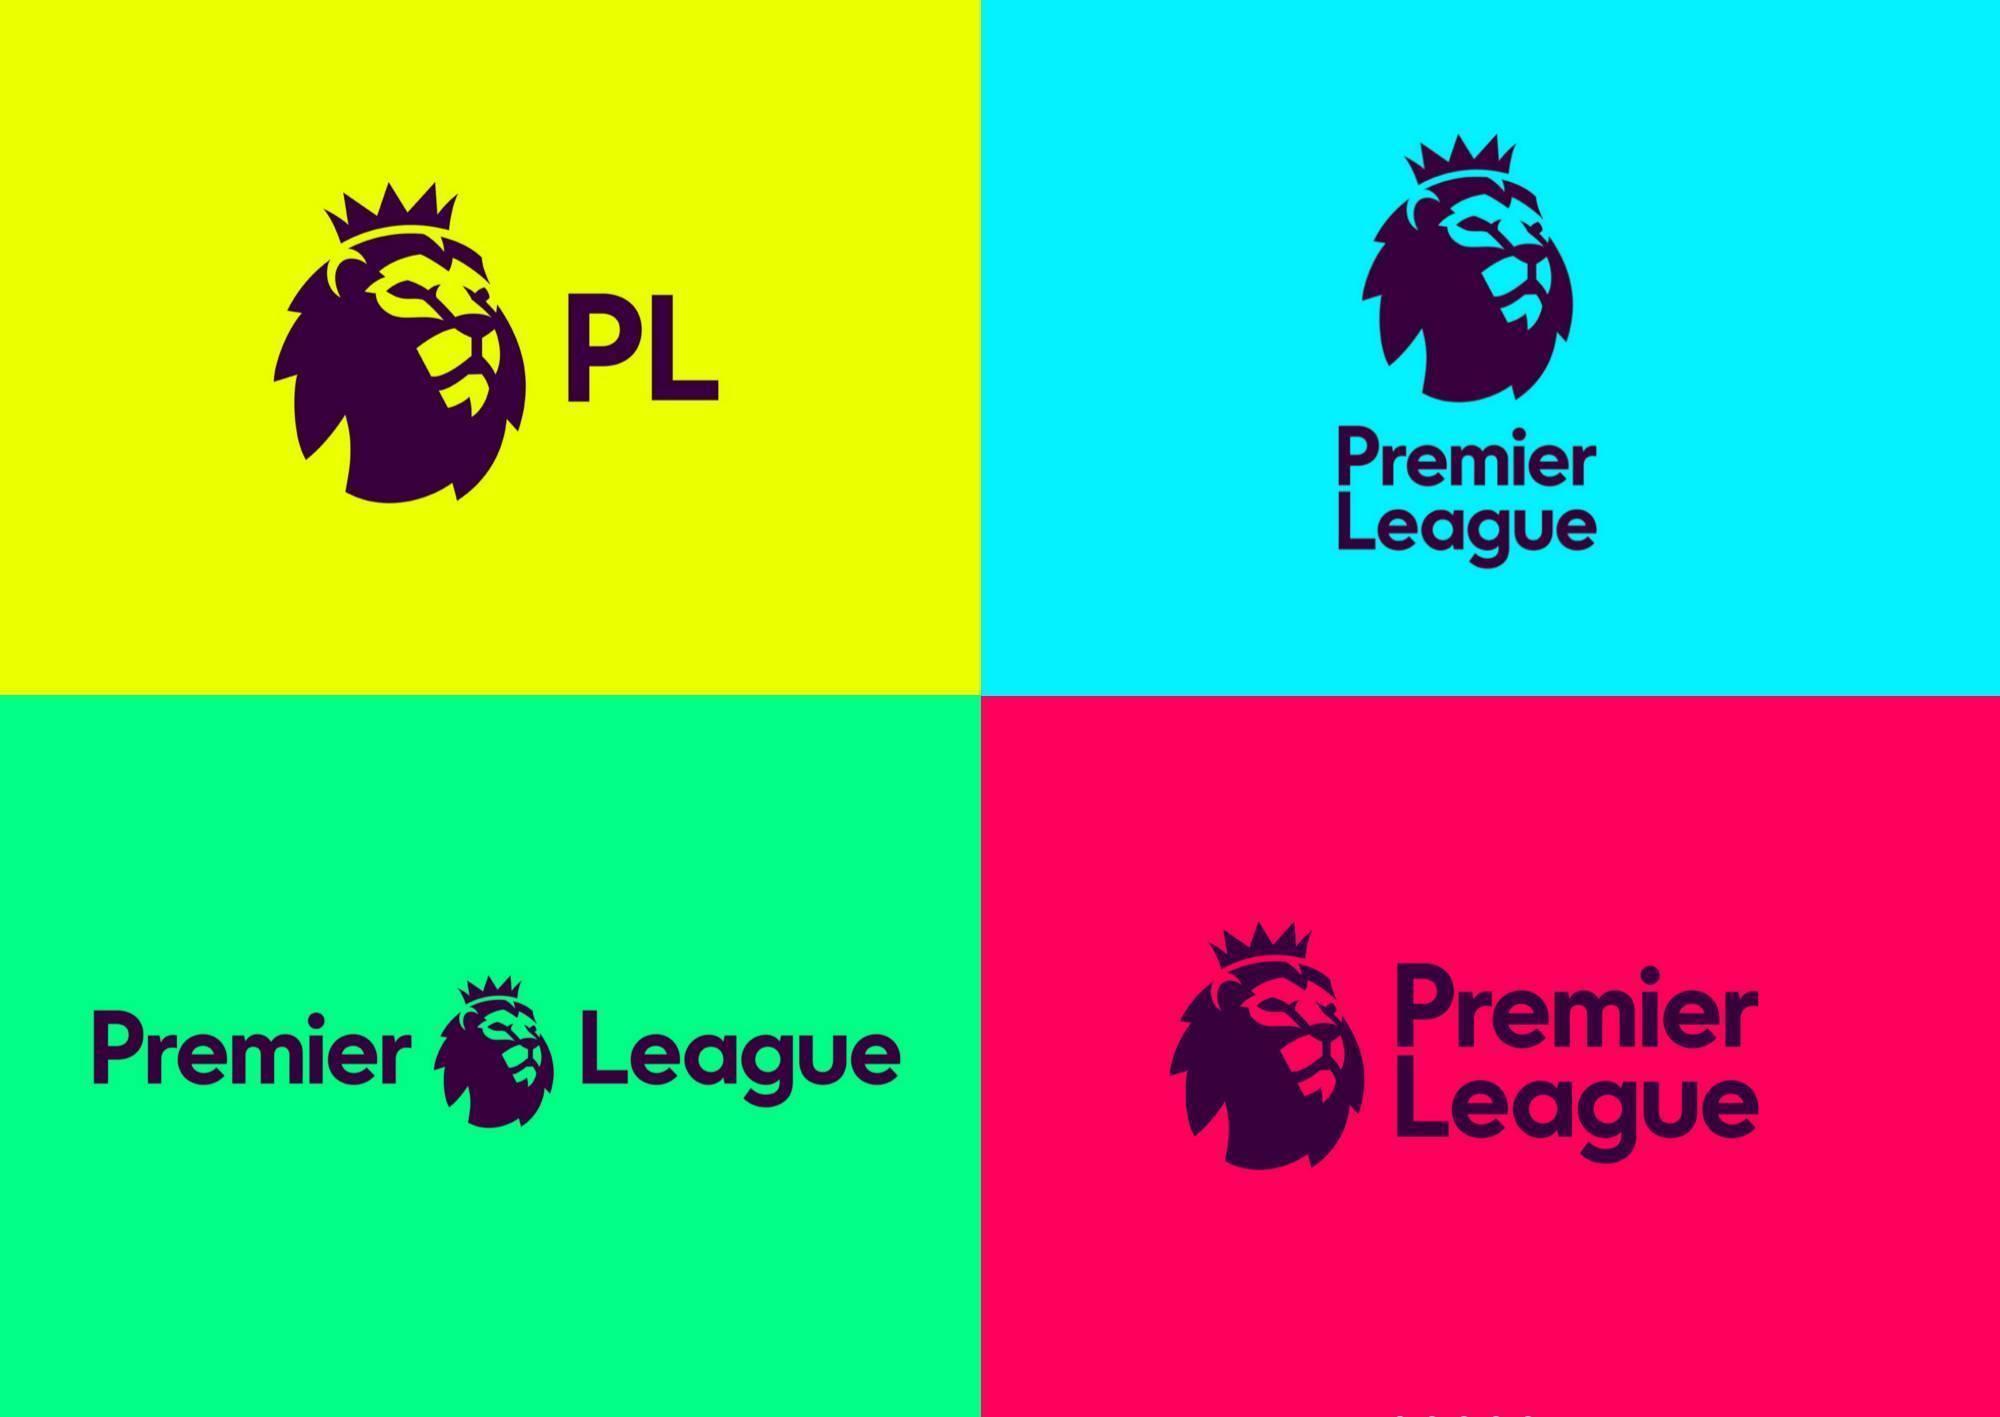 Сборная лондона по футболу